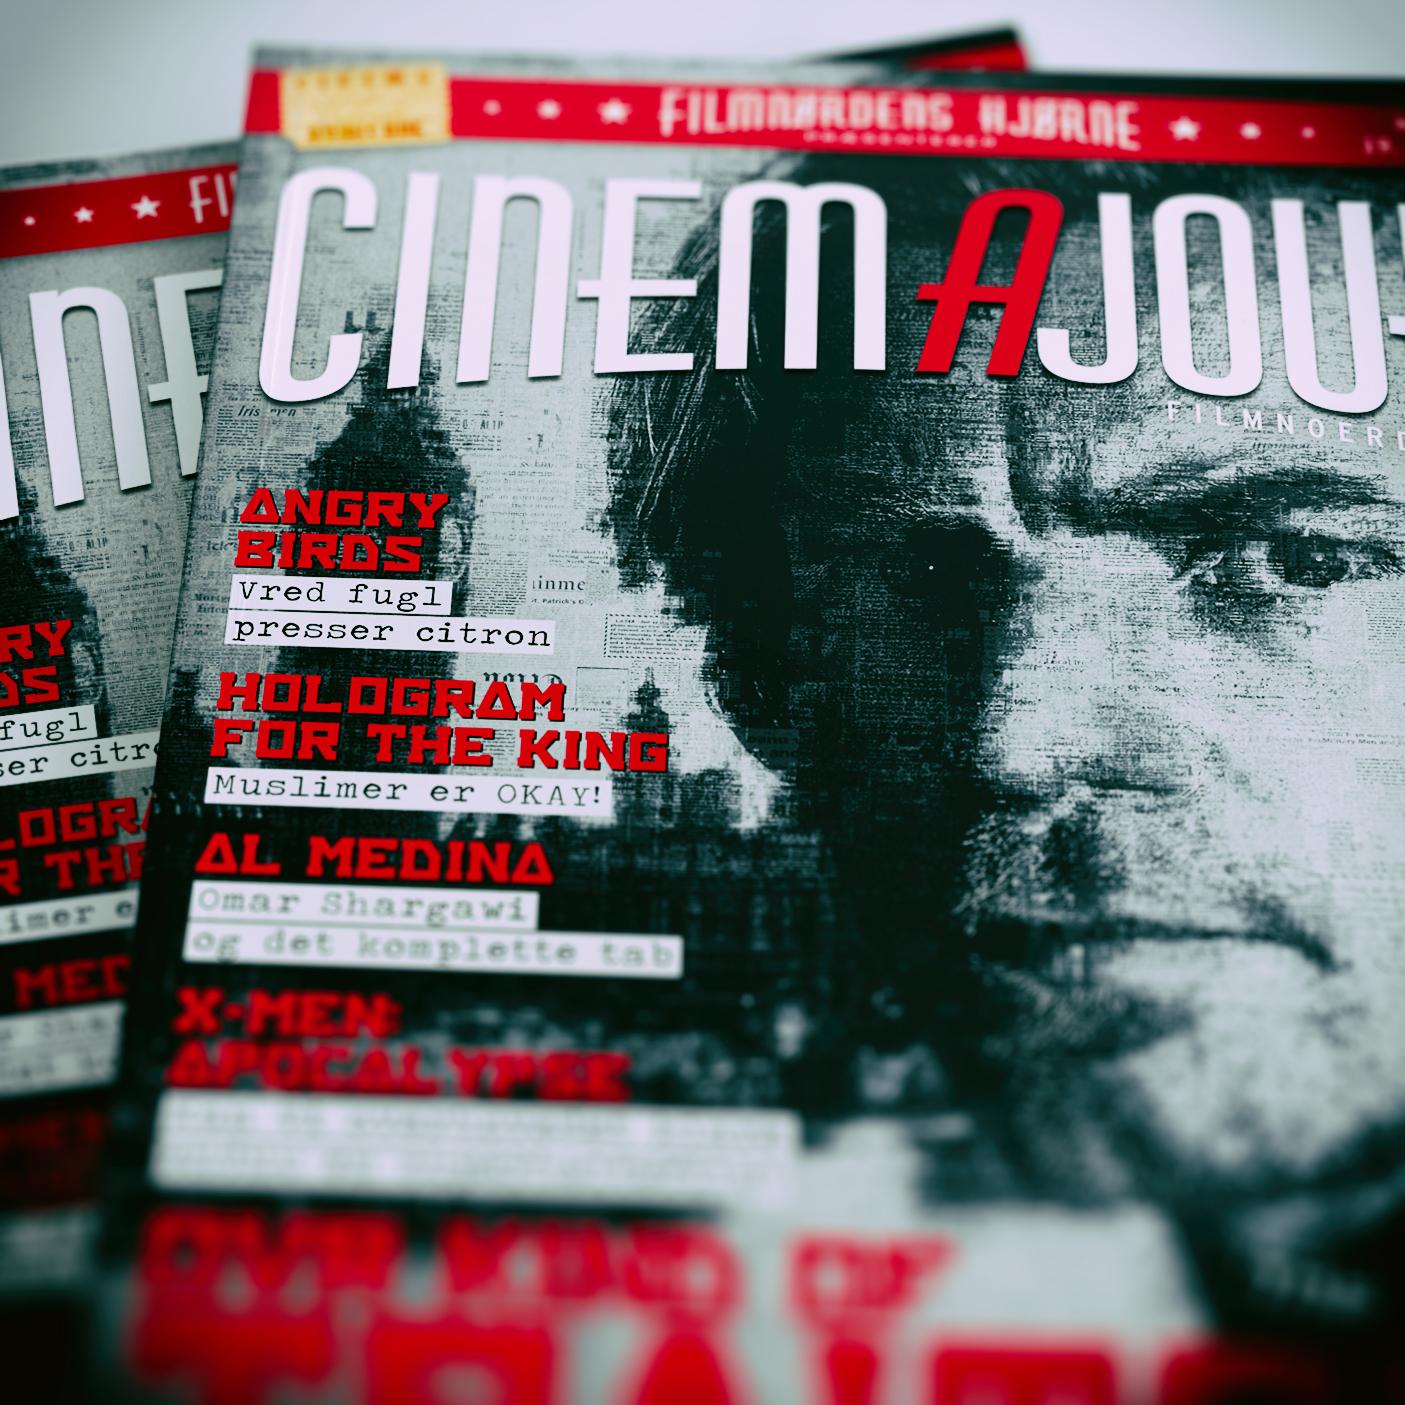 Magazine Mockup 9 - Infinity - originalmockups.com